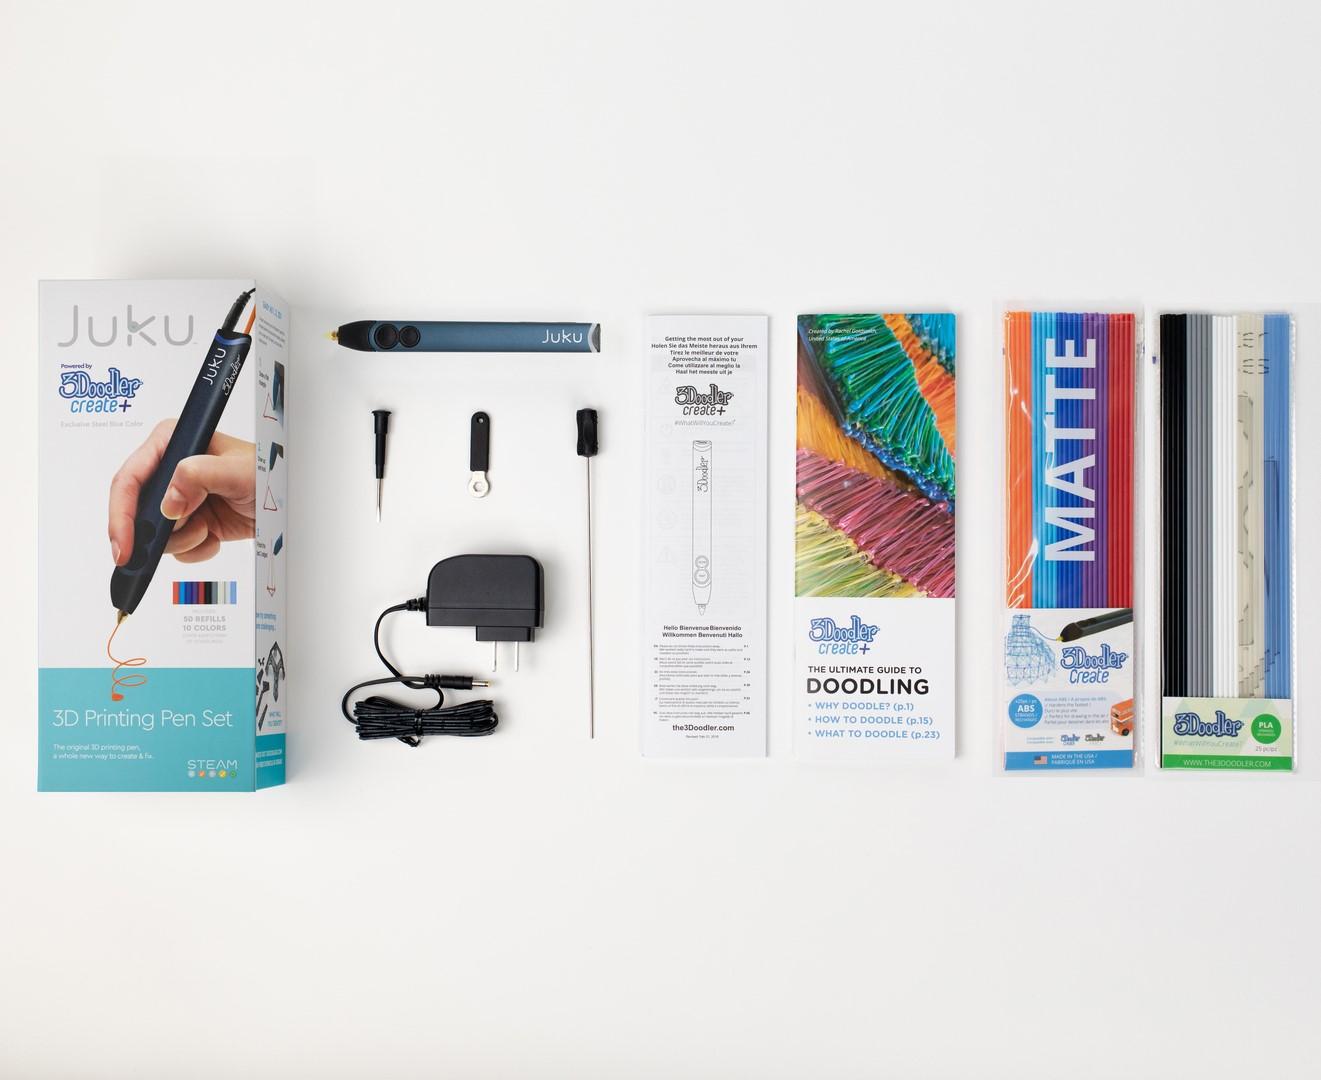 オフィス・デポが3Doodlerと共同で子供向け3Dプリンティング教育キットを販売